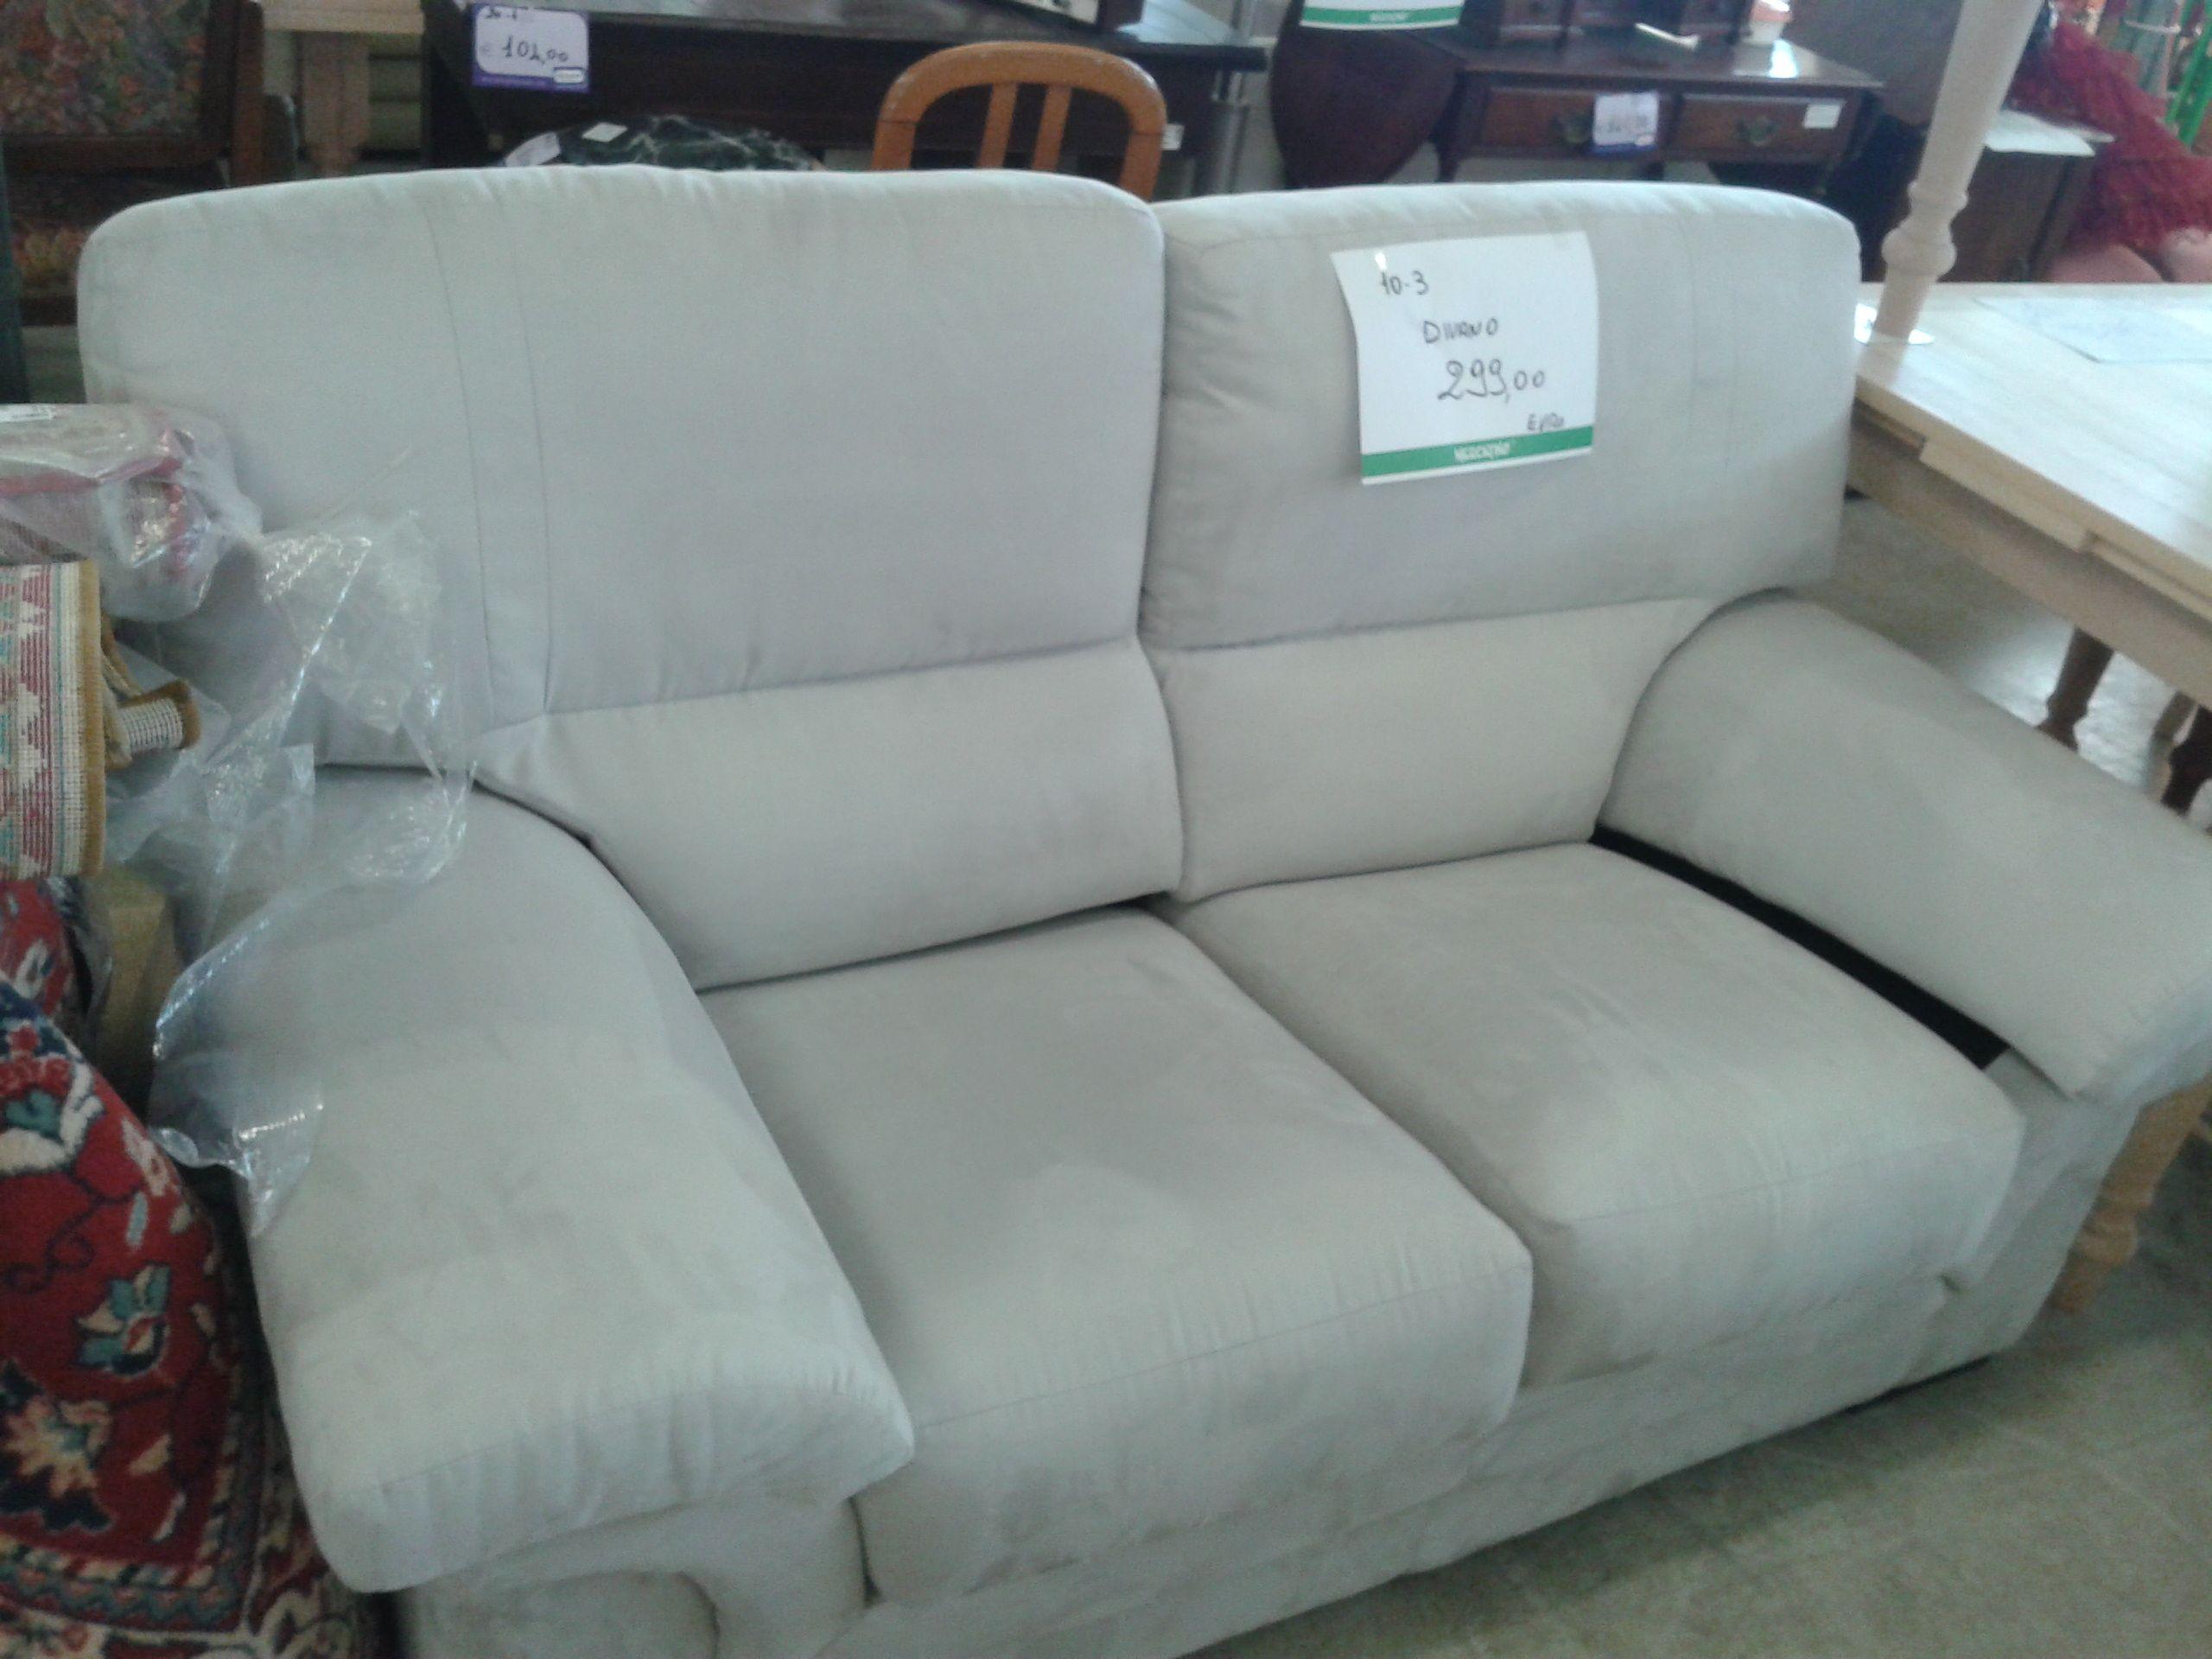 Divano dueposti color ghiaccio in alcantara negozio pinterest sofa couch e home decor - Divano in alcantara ...